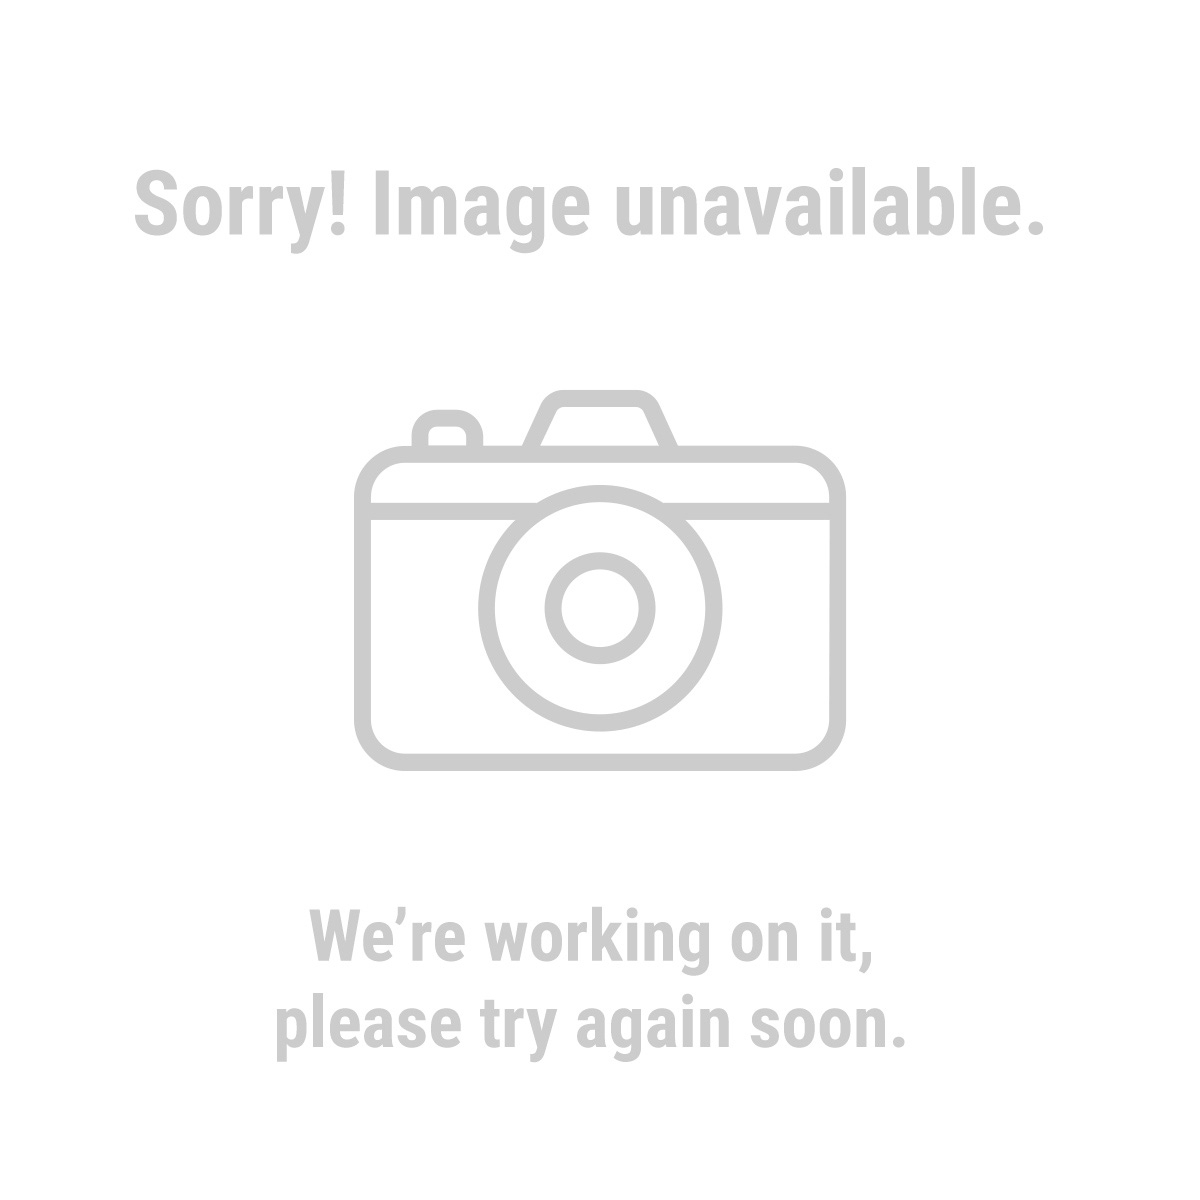 Rustoleum discount coupons